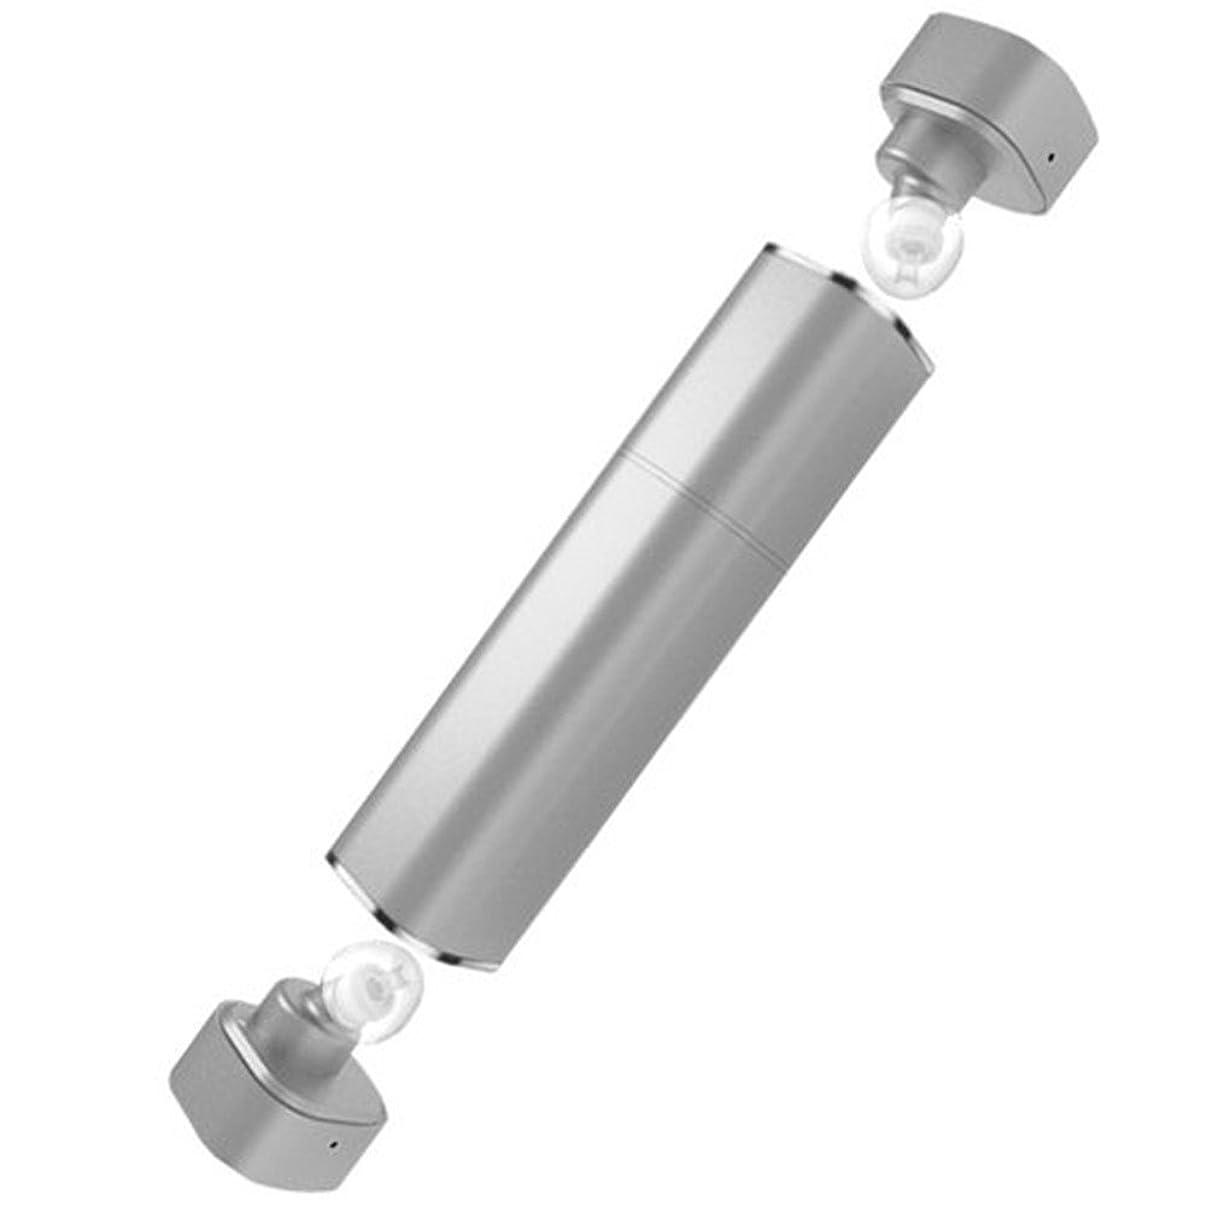 凍結誠実さ機動ミニtws双子1 k 2無線ブルートゥースステレオヘッドセットの口紅のiphone ipadのためにサムスンのスマートで耳のイヤホンのイヤーバッドの大きさ (銀色)